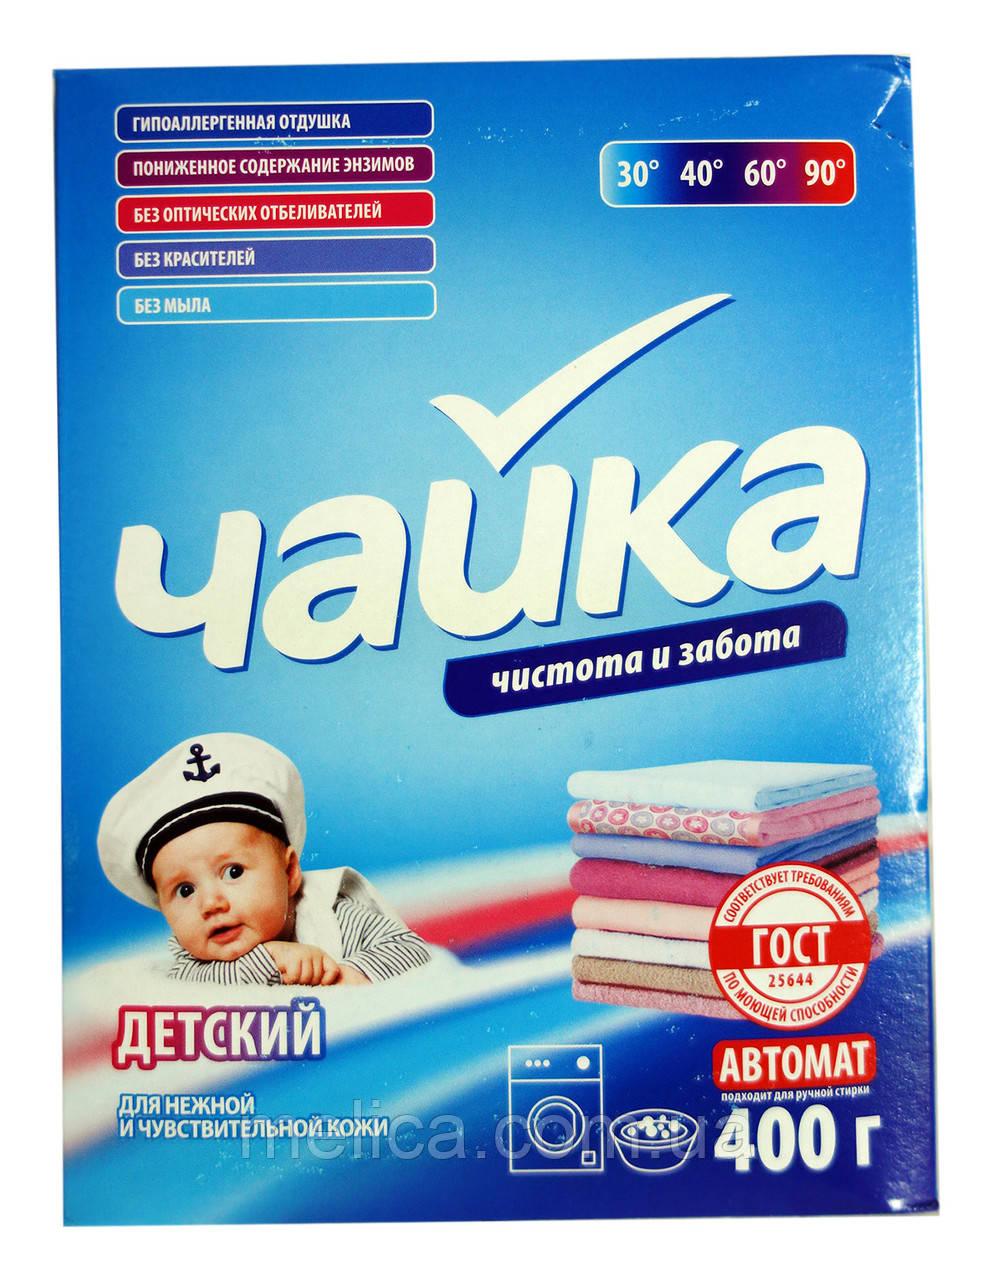 Стиральный порошок автомат для детского белья Чайка Детский - 400 г. - АВС Маркет в Мелитополе